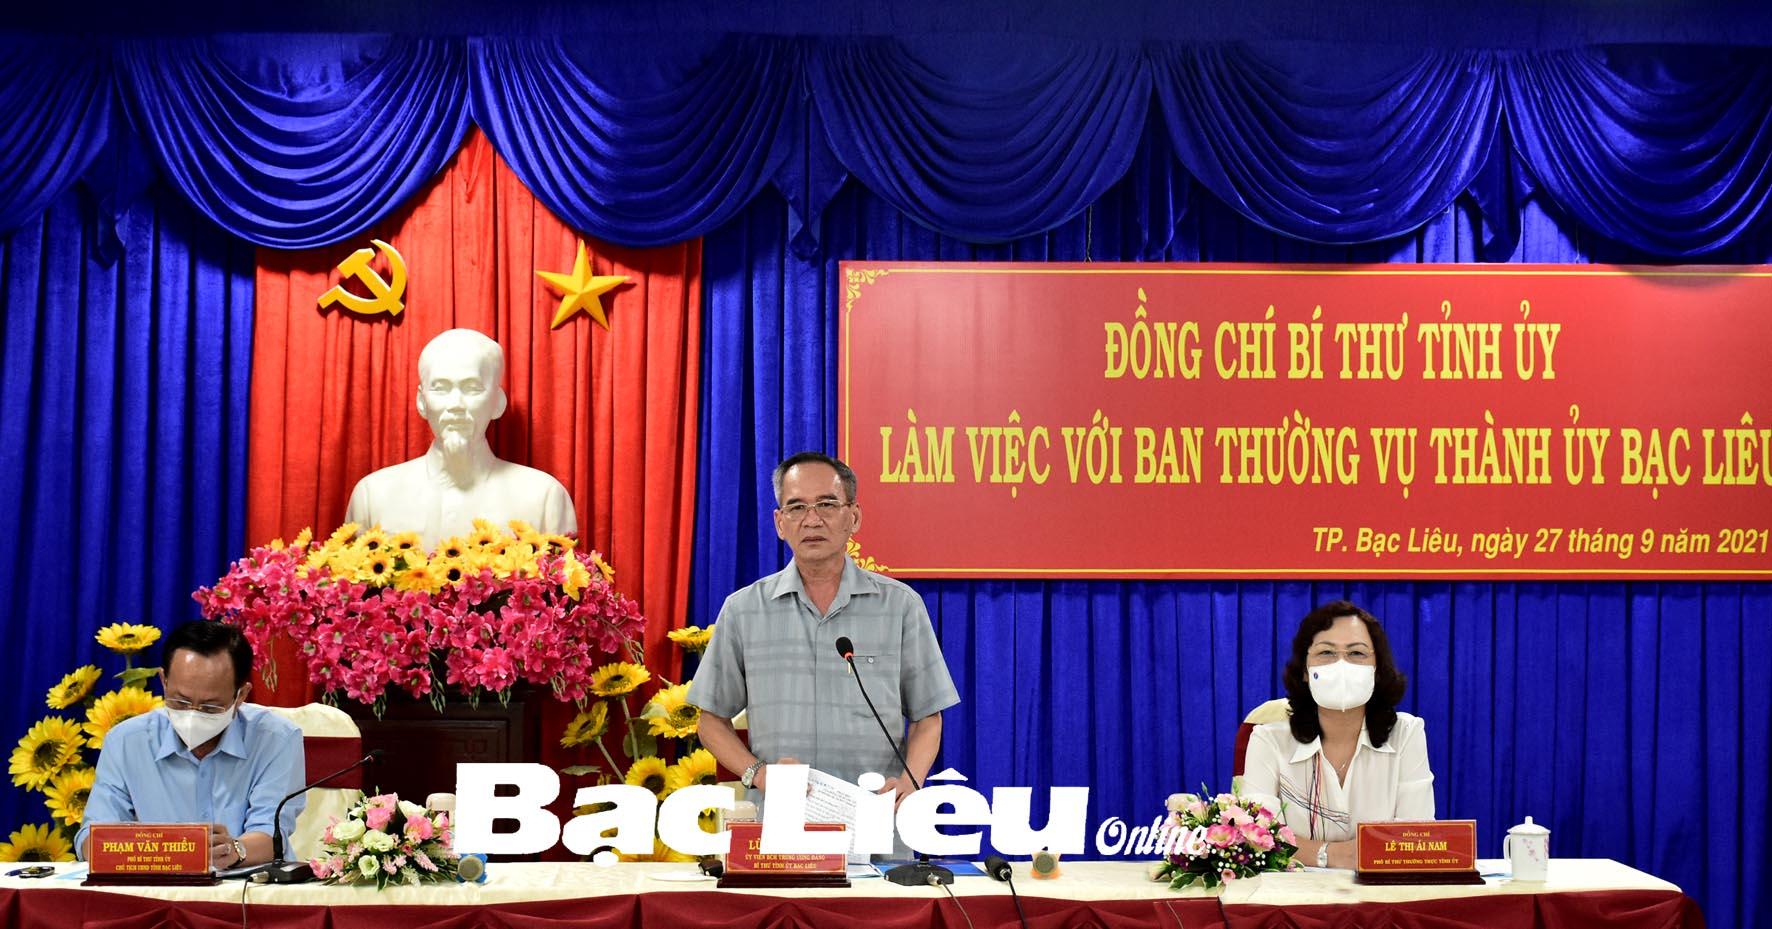 Đồng chí Lữ Văn Hùng - Bí thư Tỉnh ủy làm việc với huyện Hòa Bình và TP. Bạc Liêu: Luôn nêu cao tinh thần phòng, chống dịch cùng với phát triển kinh tế - xã hội